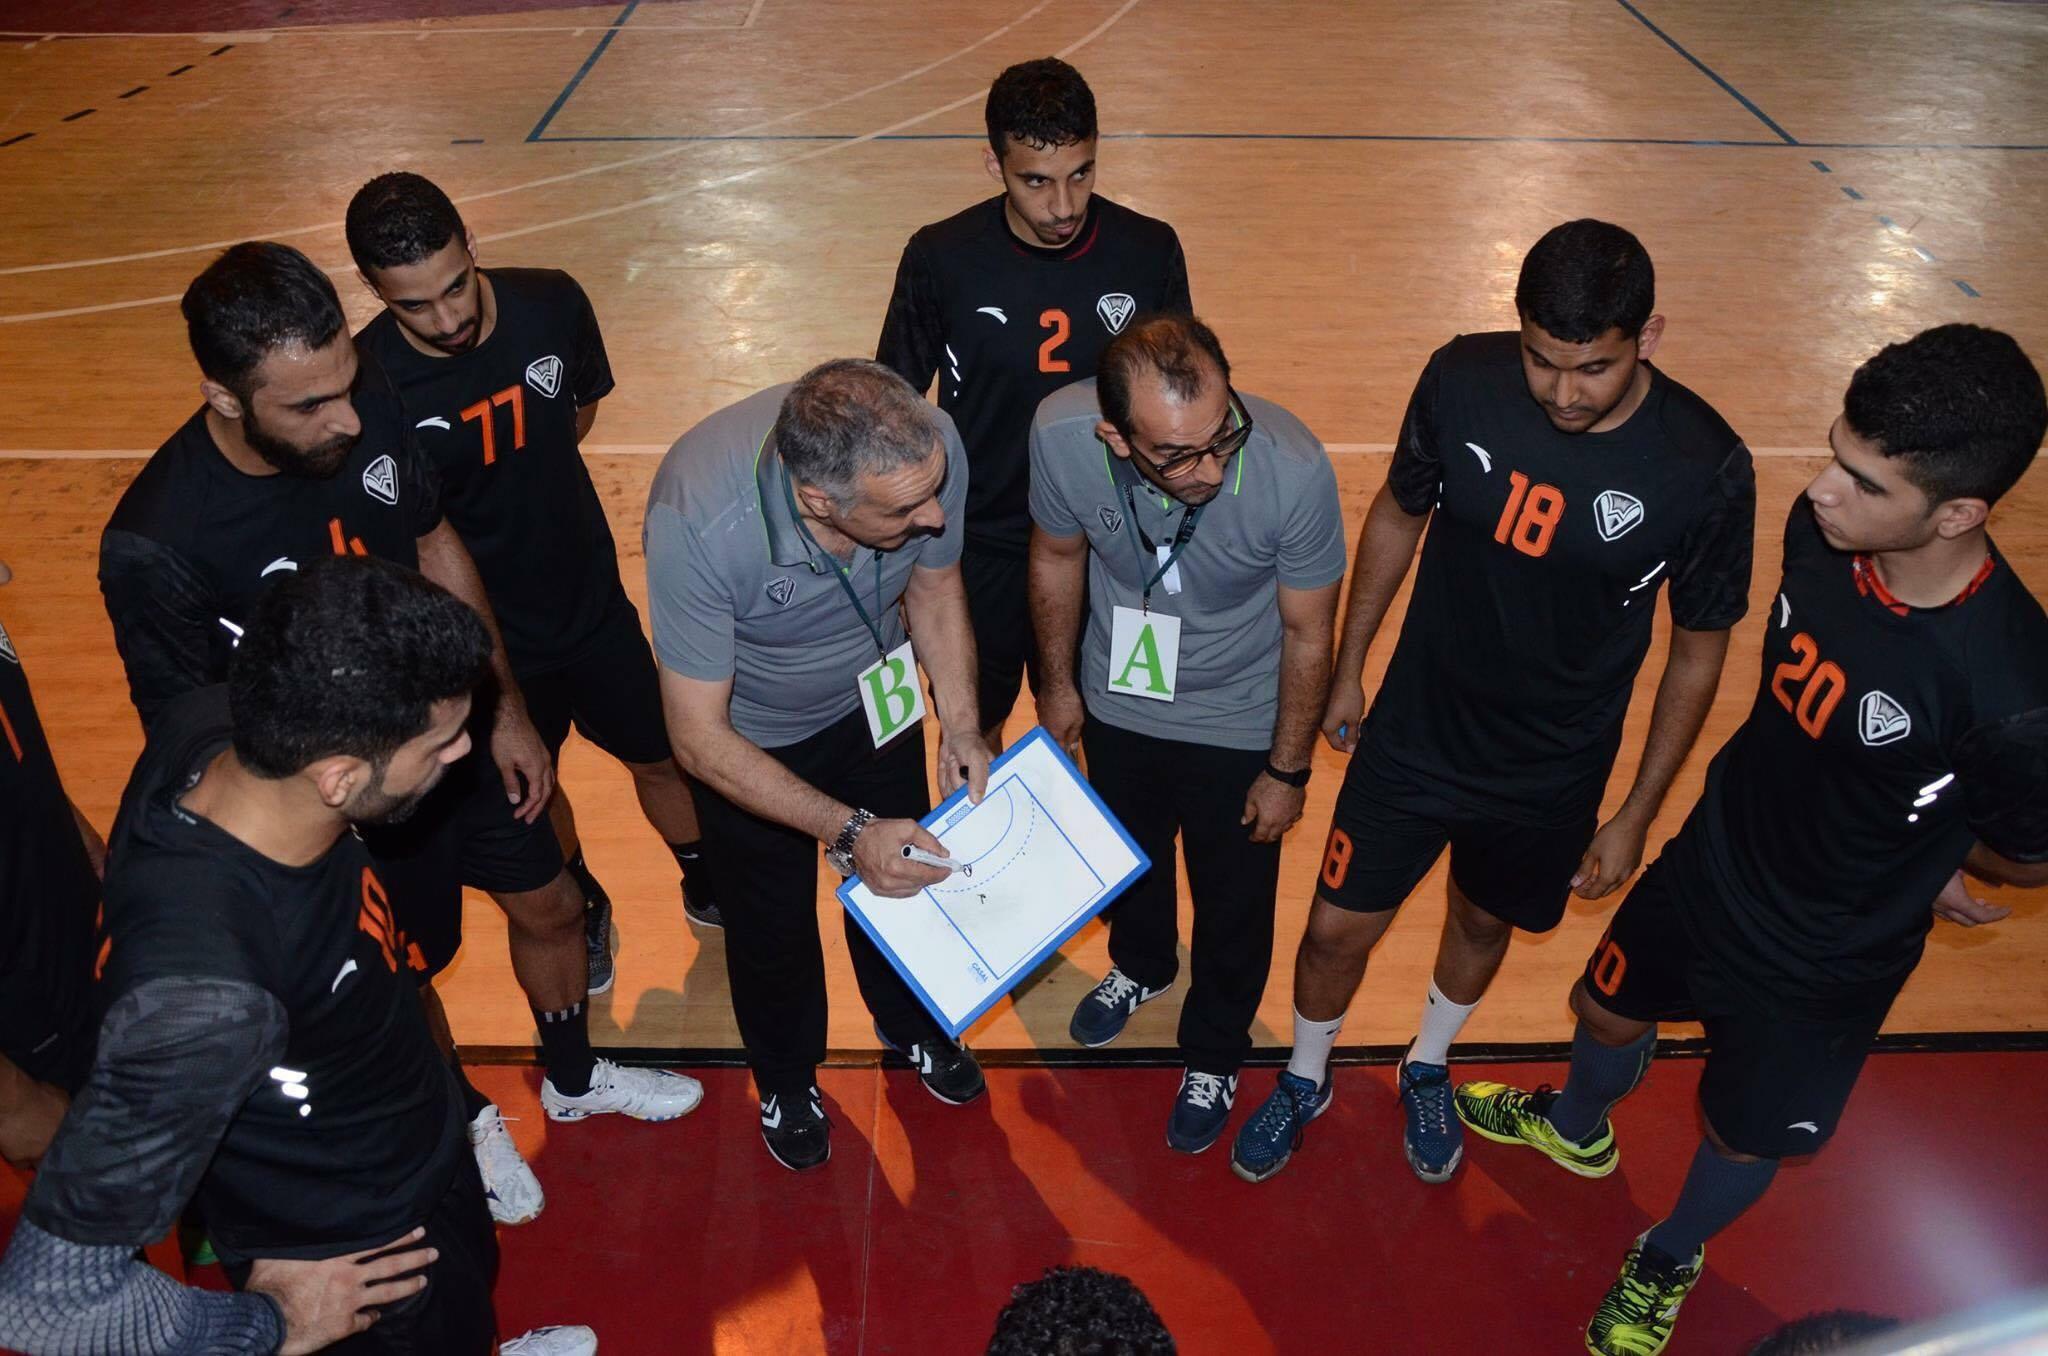 البطولة العربية لكرة اليد